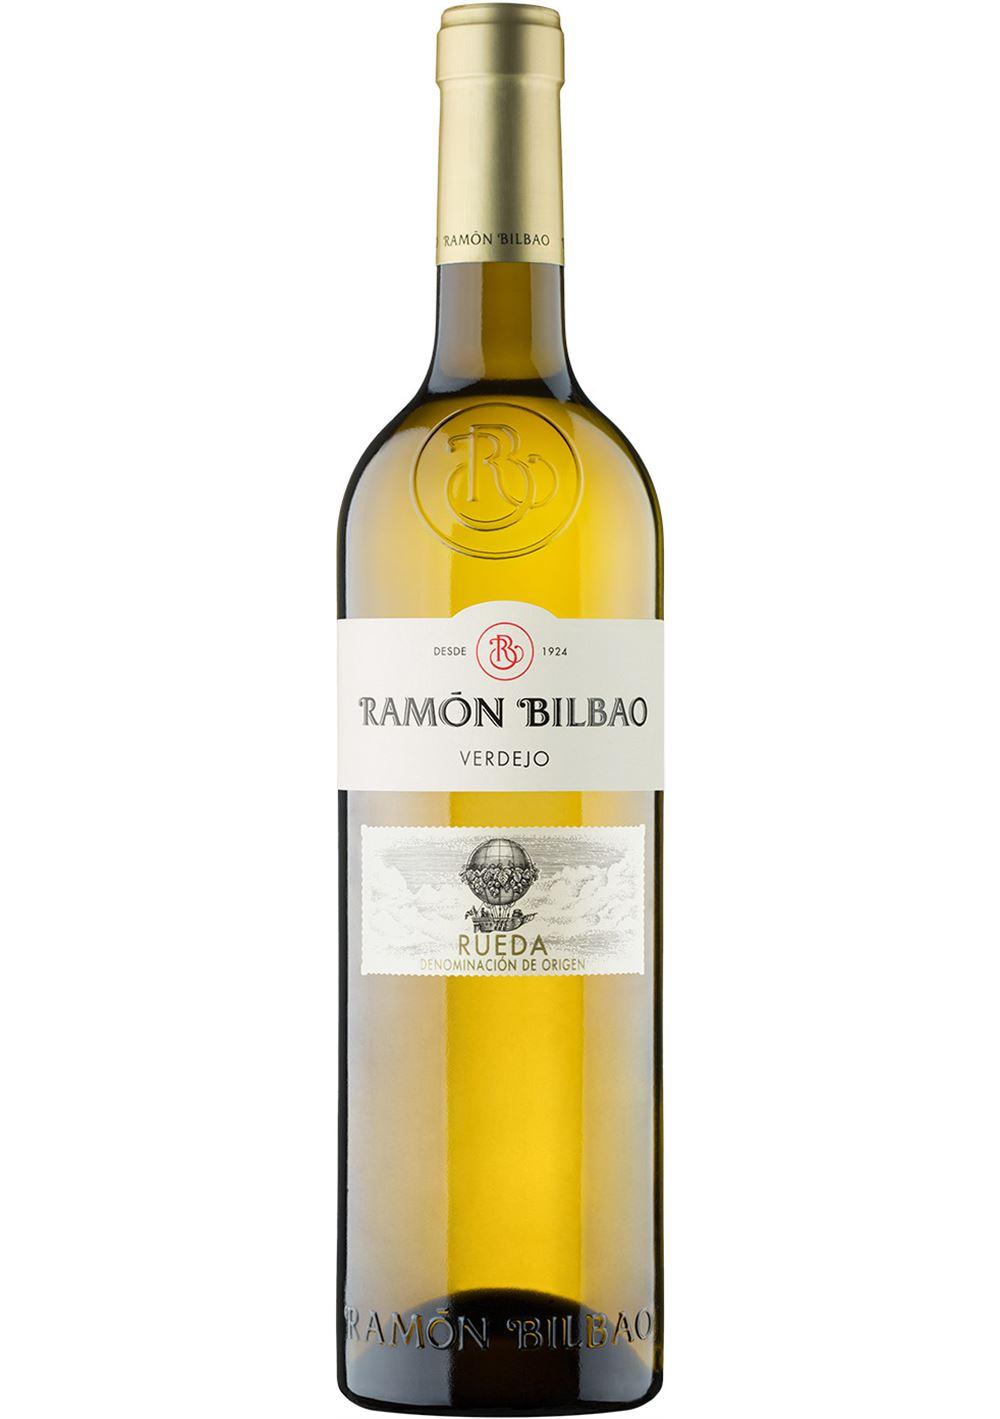 RAMON BILBAO VERDEJO